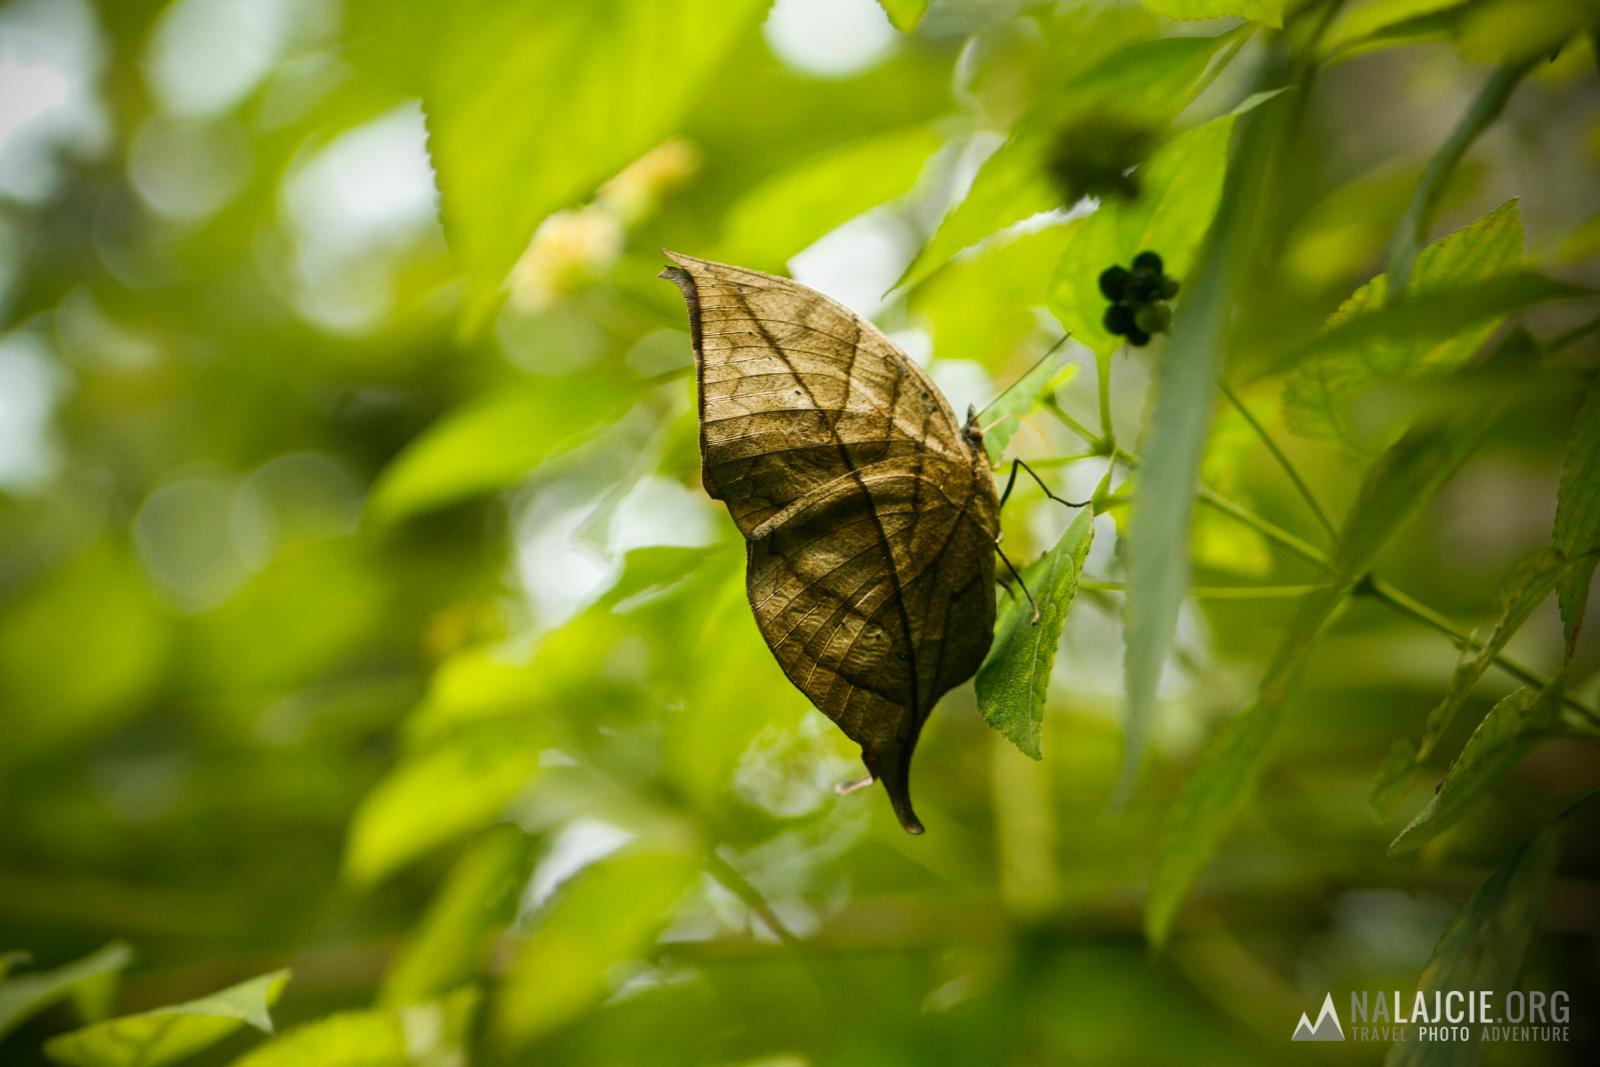 A niektóre owady odkryły sztukę mistrzowskiego kamuflażu!